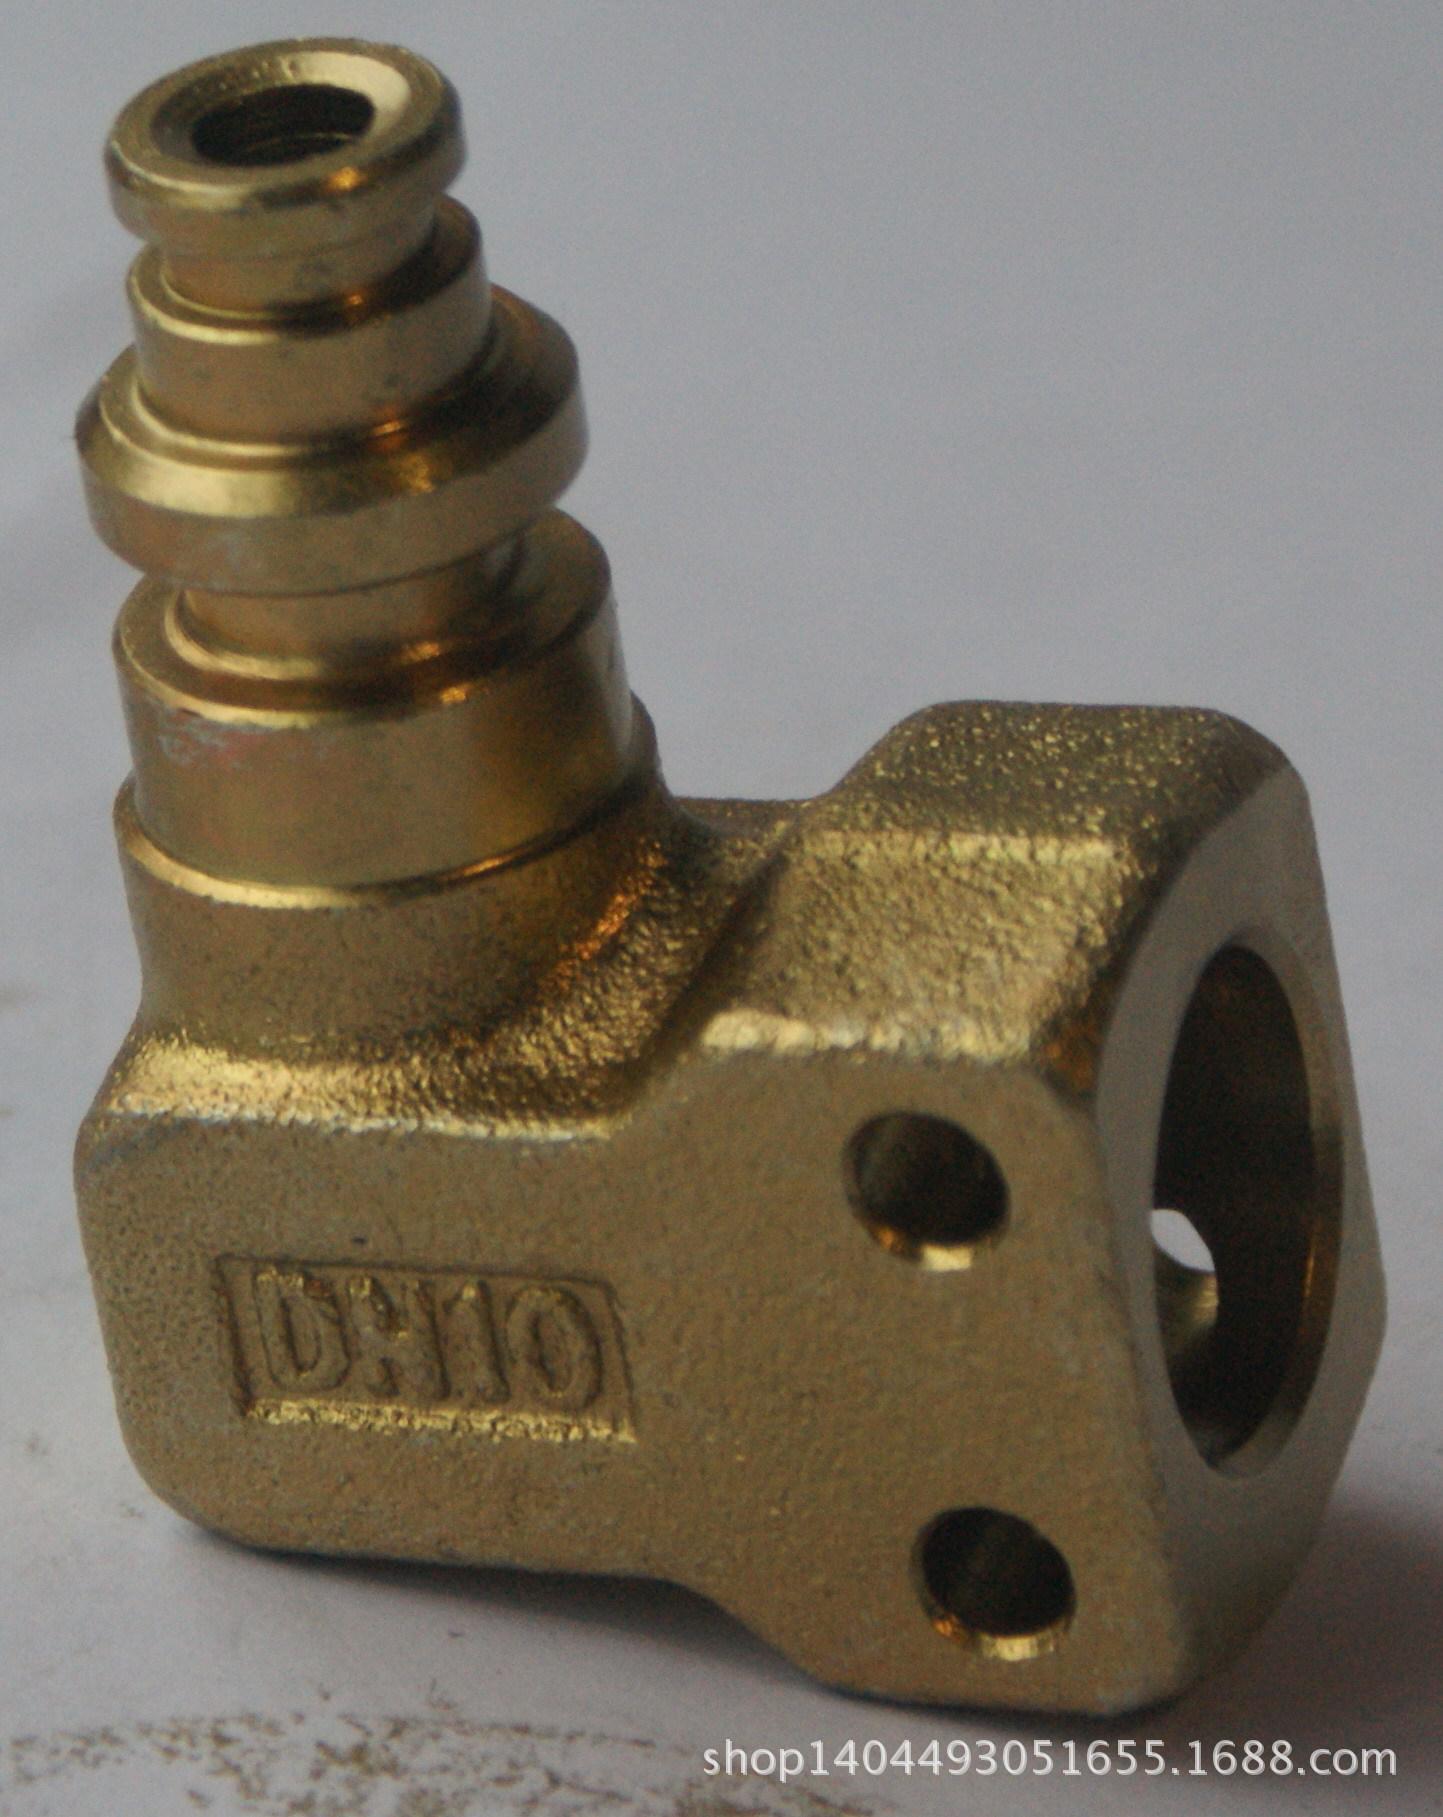 矿用 煤矿液压支架胶管连接 异径弯头DN25G/12M